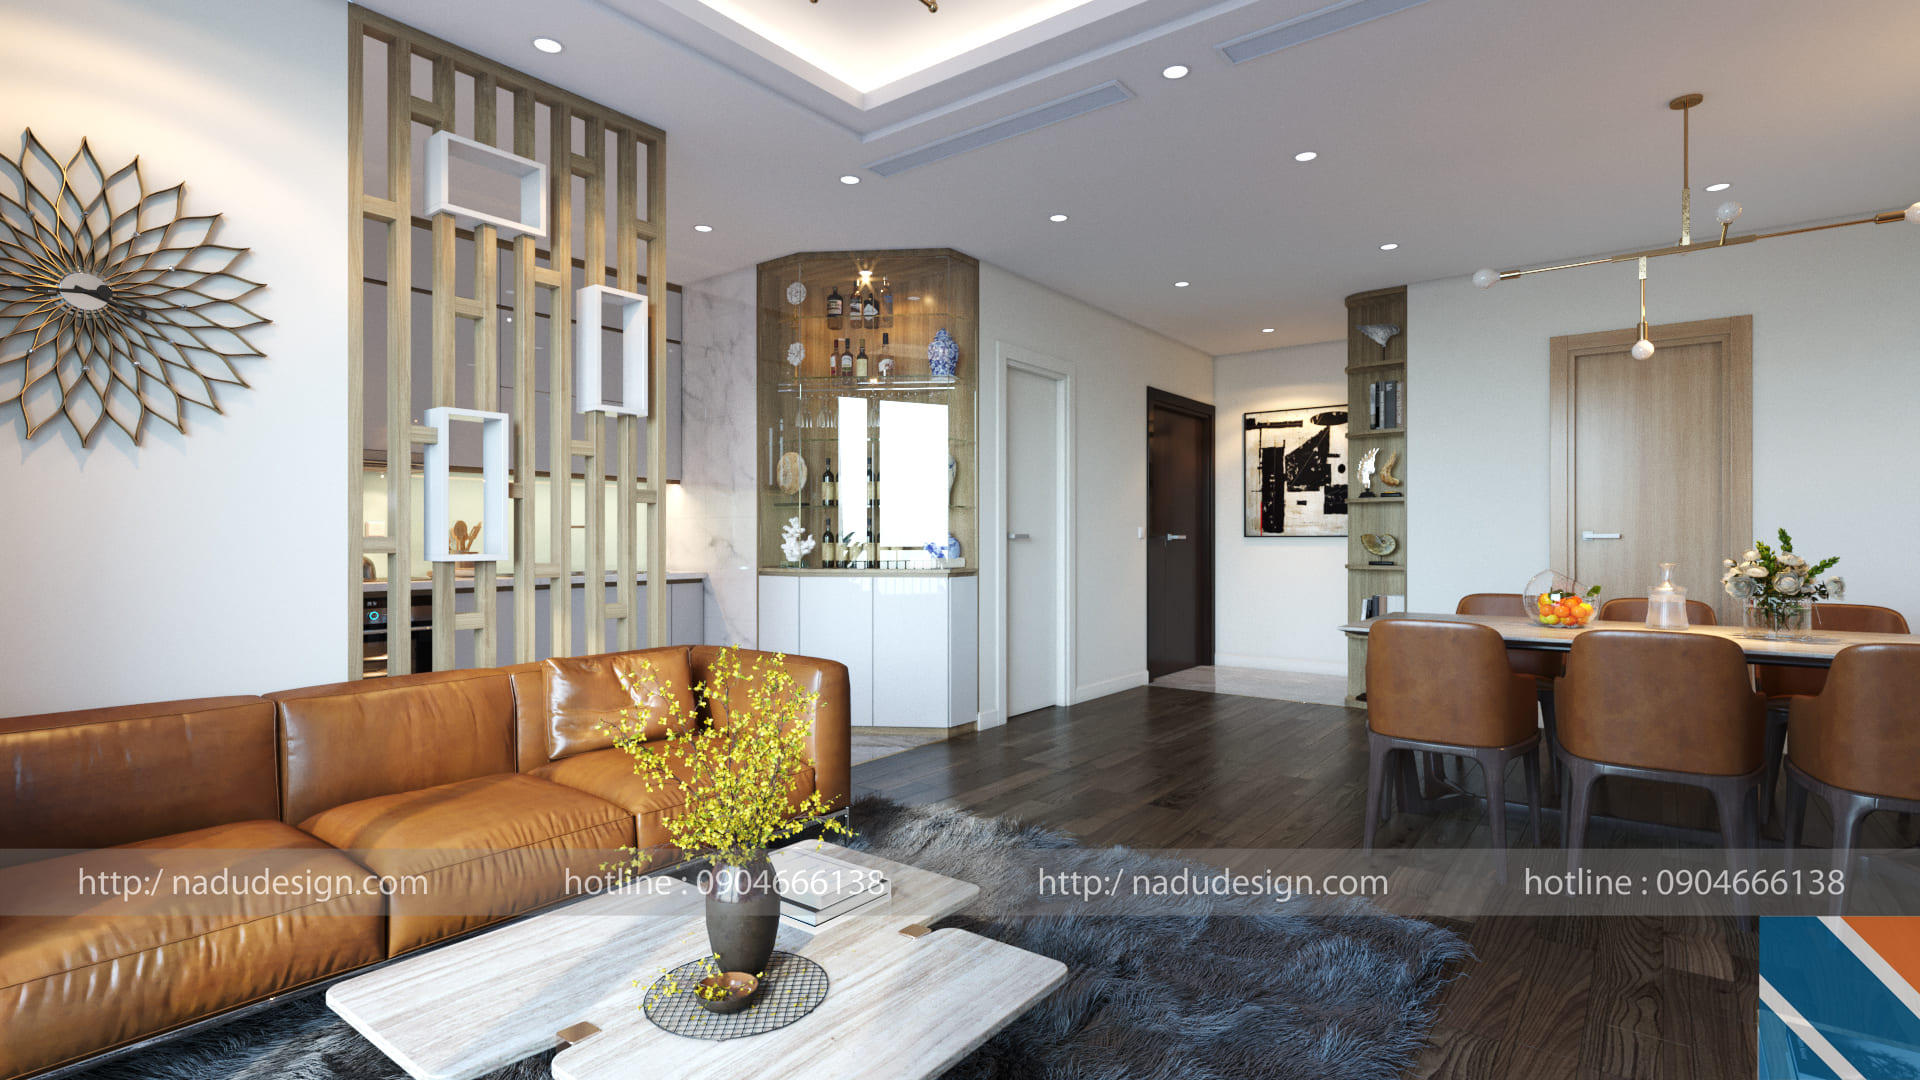 thiết kế nội thất phòng khách vạn người mê